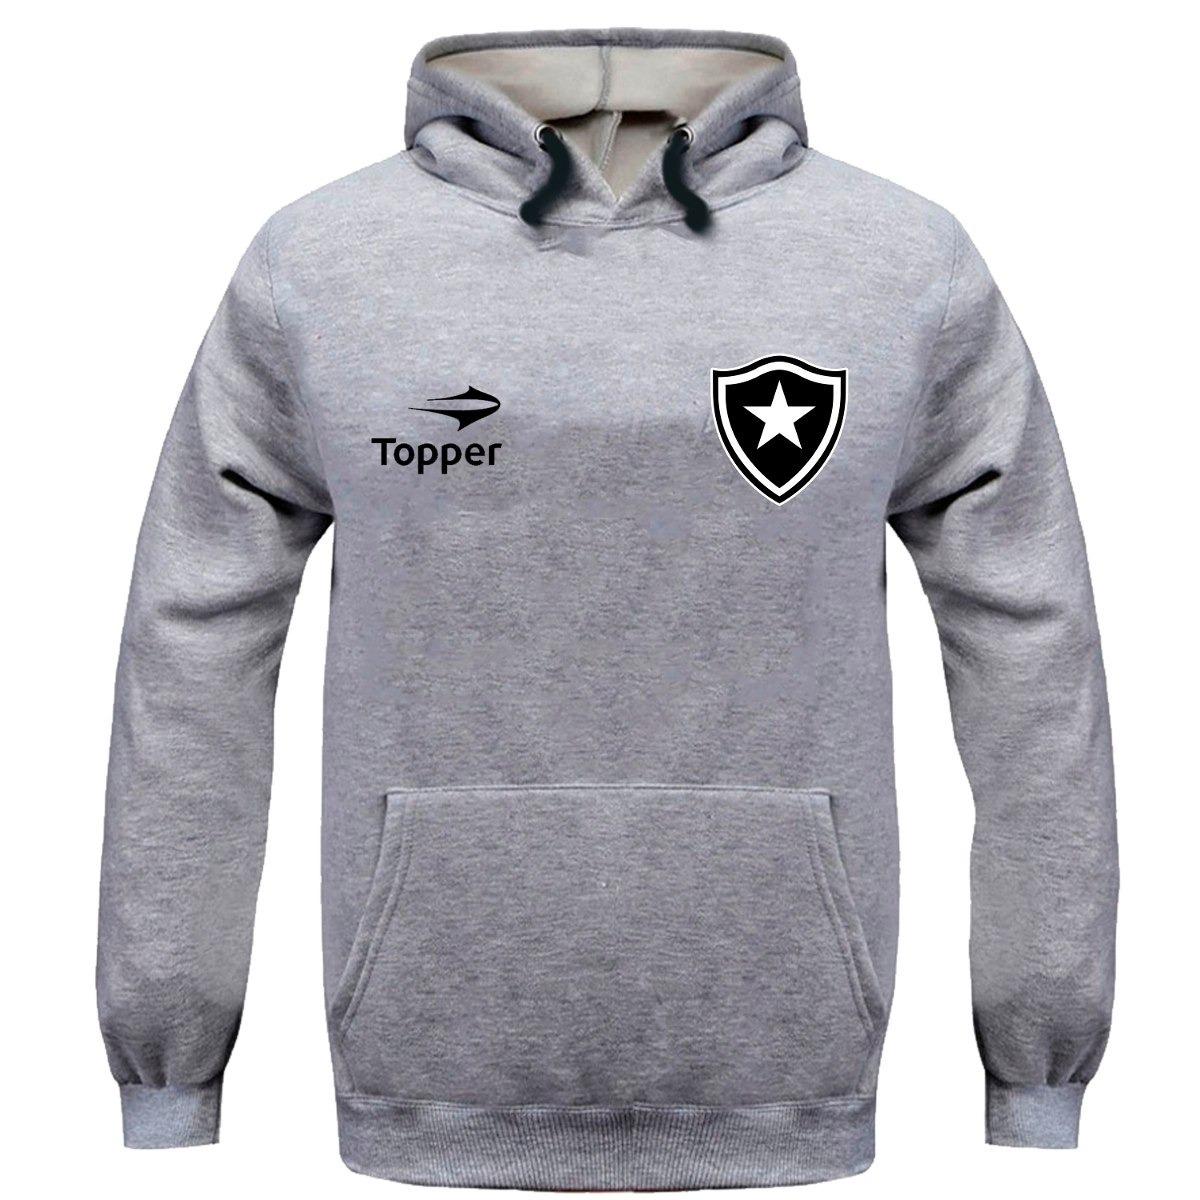 ace645f124 Moletom Blusa Botafogo Time Futebol Casaco Time - R  53